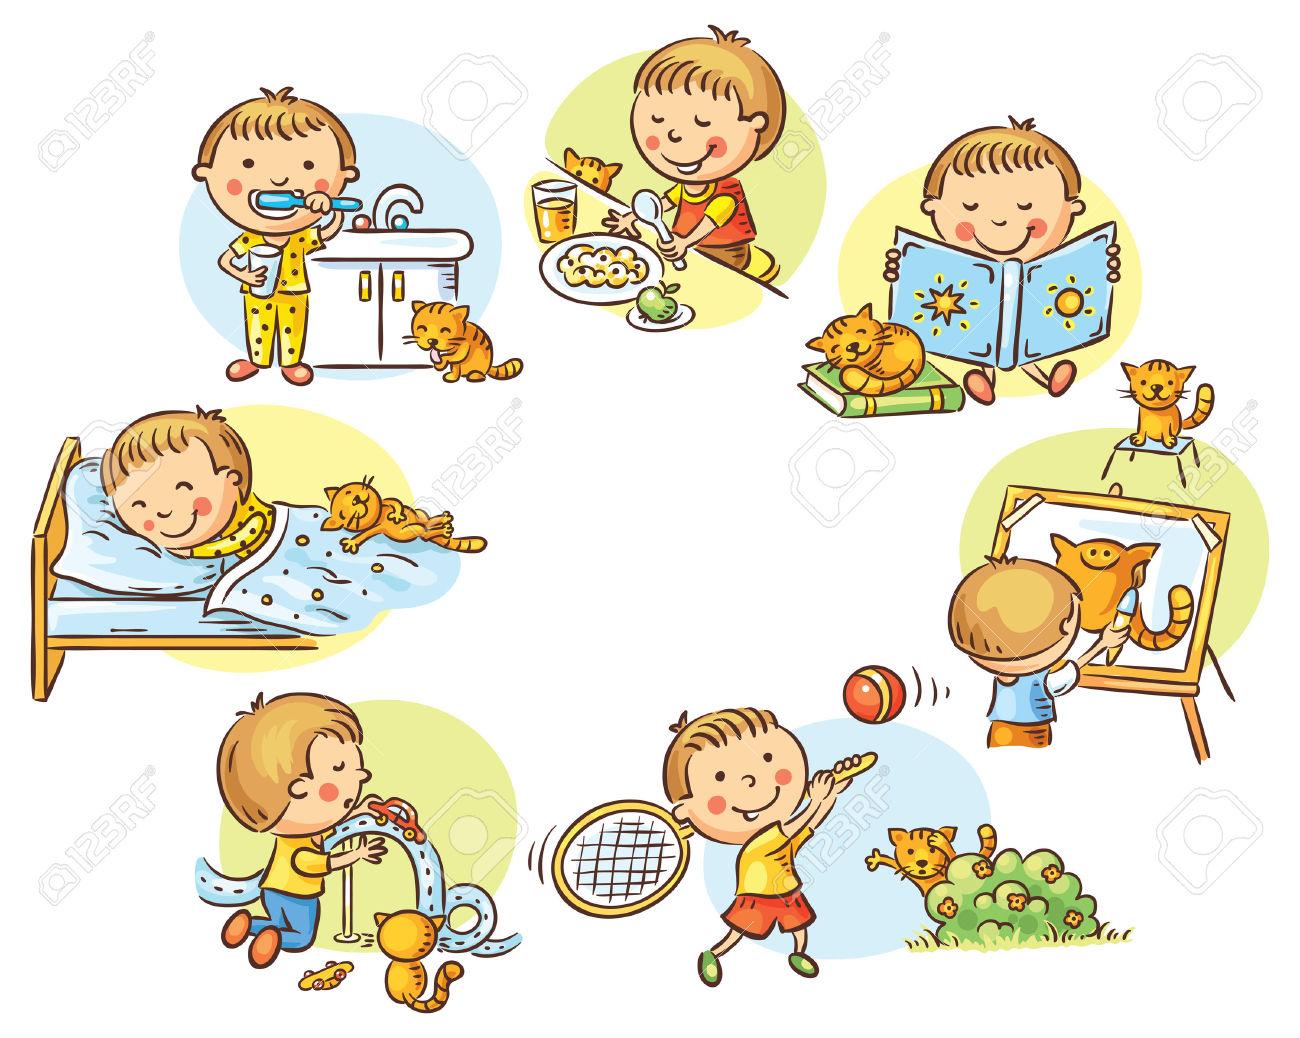 Contoh Teks Daily Activities Untuk Anak Smp Contoh Up